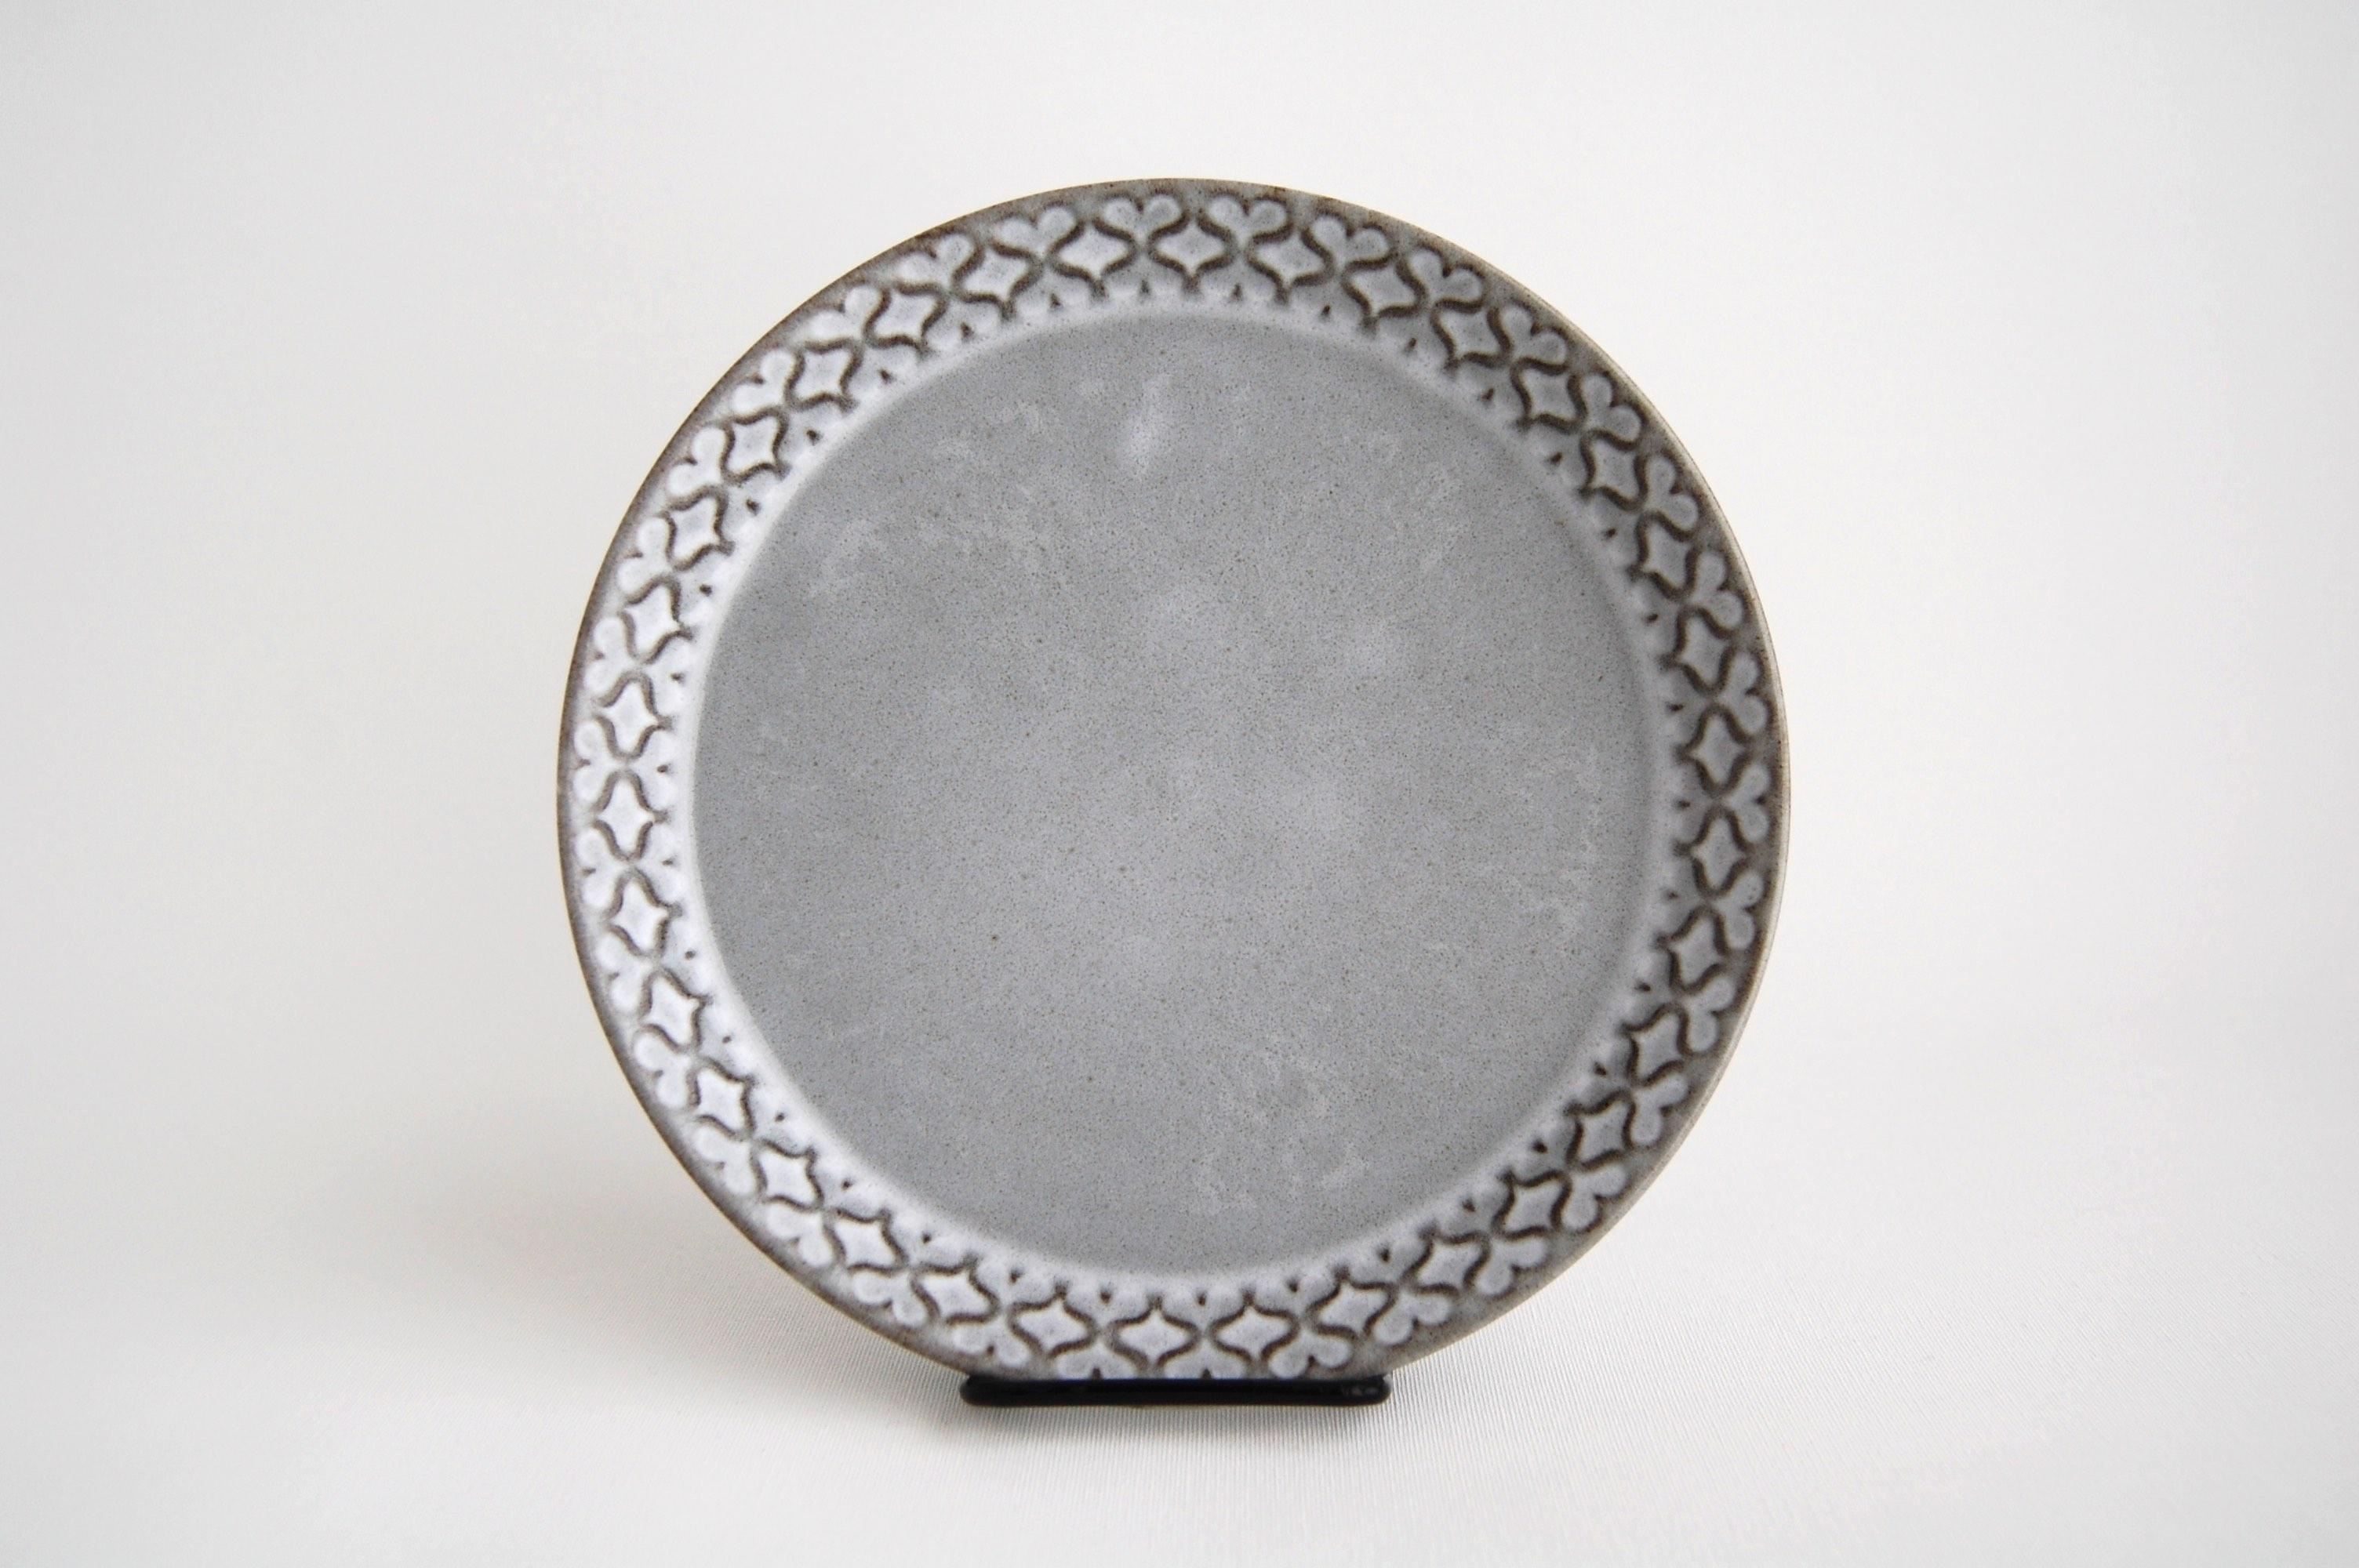 Jens.H.Quistgaard/イェンス・クイストゴー Cordial/コーディアル 16.5cmプレート 004